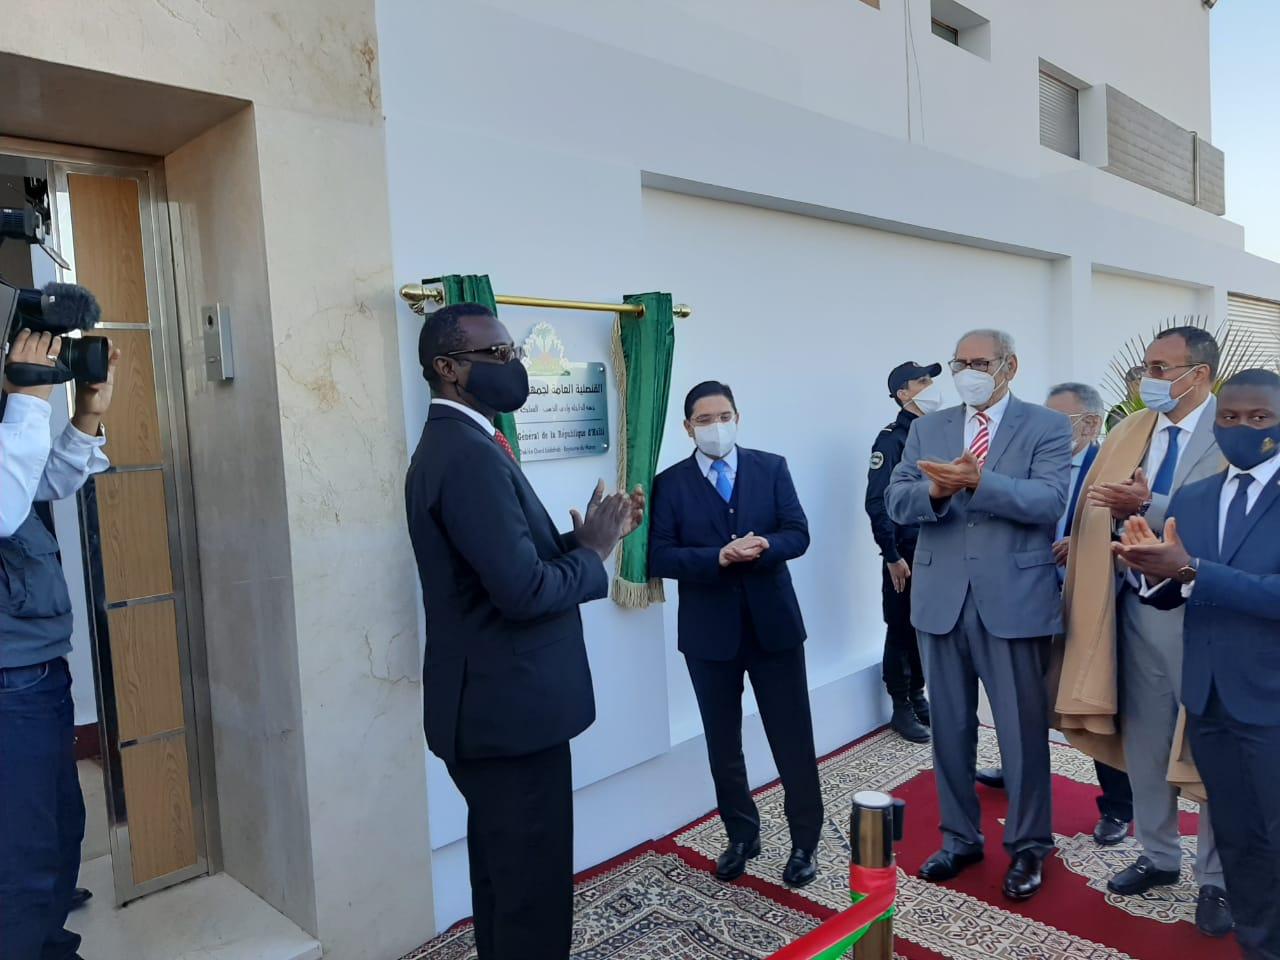 رسمياً | هايتي تفتح قنصليتها بالداخلة كأول بلد غير عربي وغير إفريقي